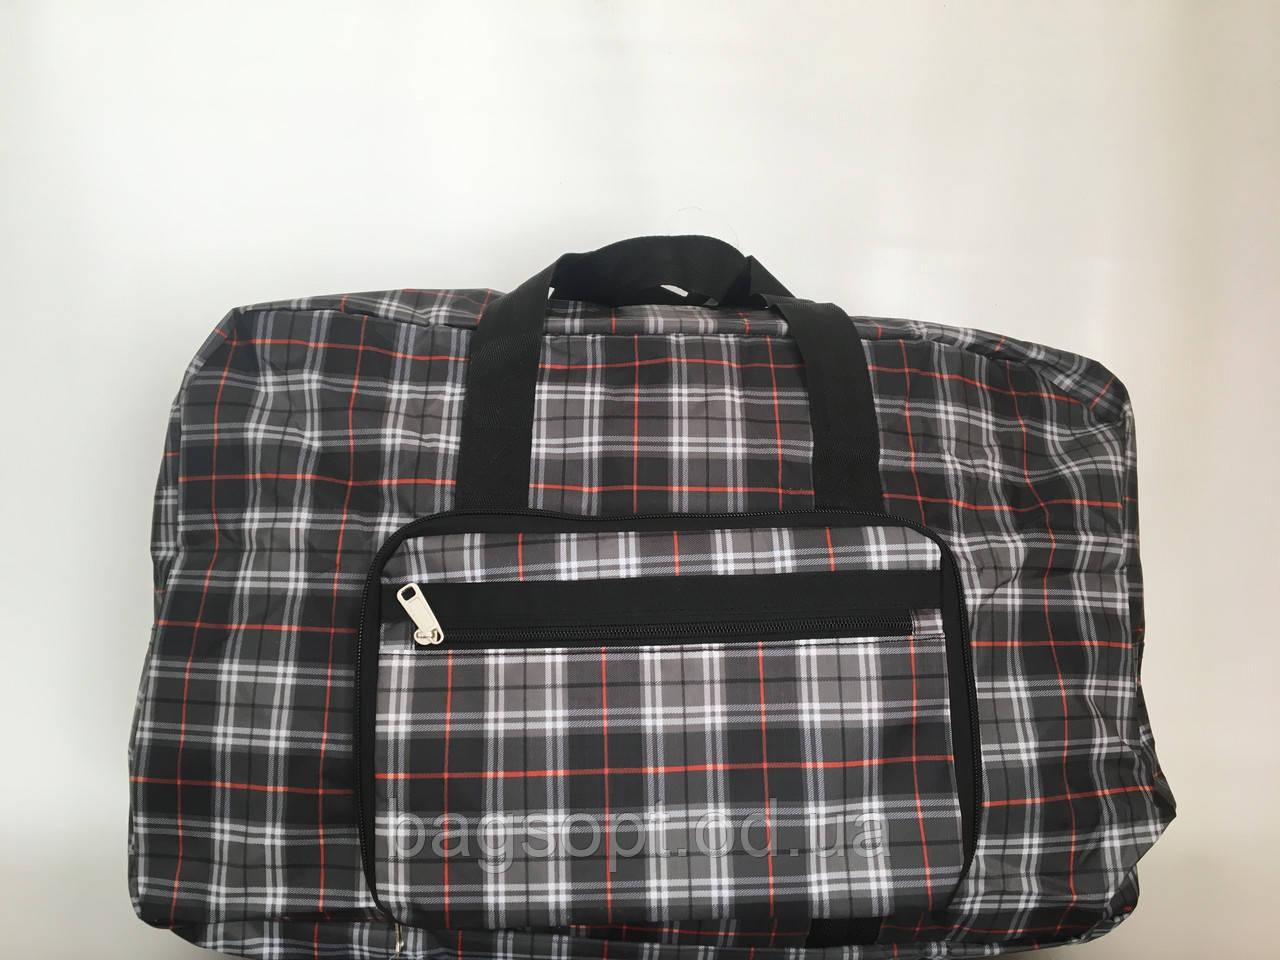 Складная дорожная сумка для путешествий текстильная большая